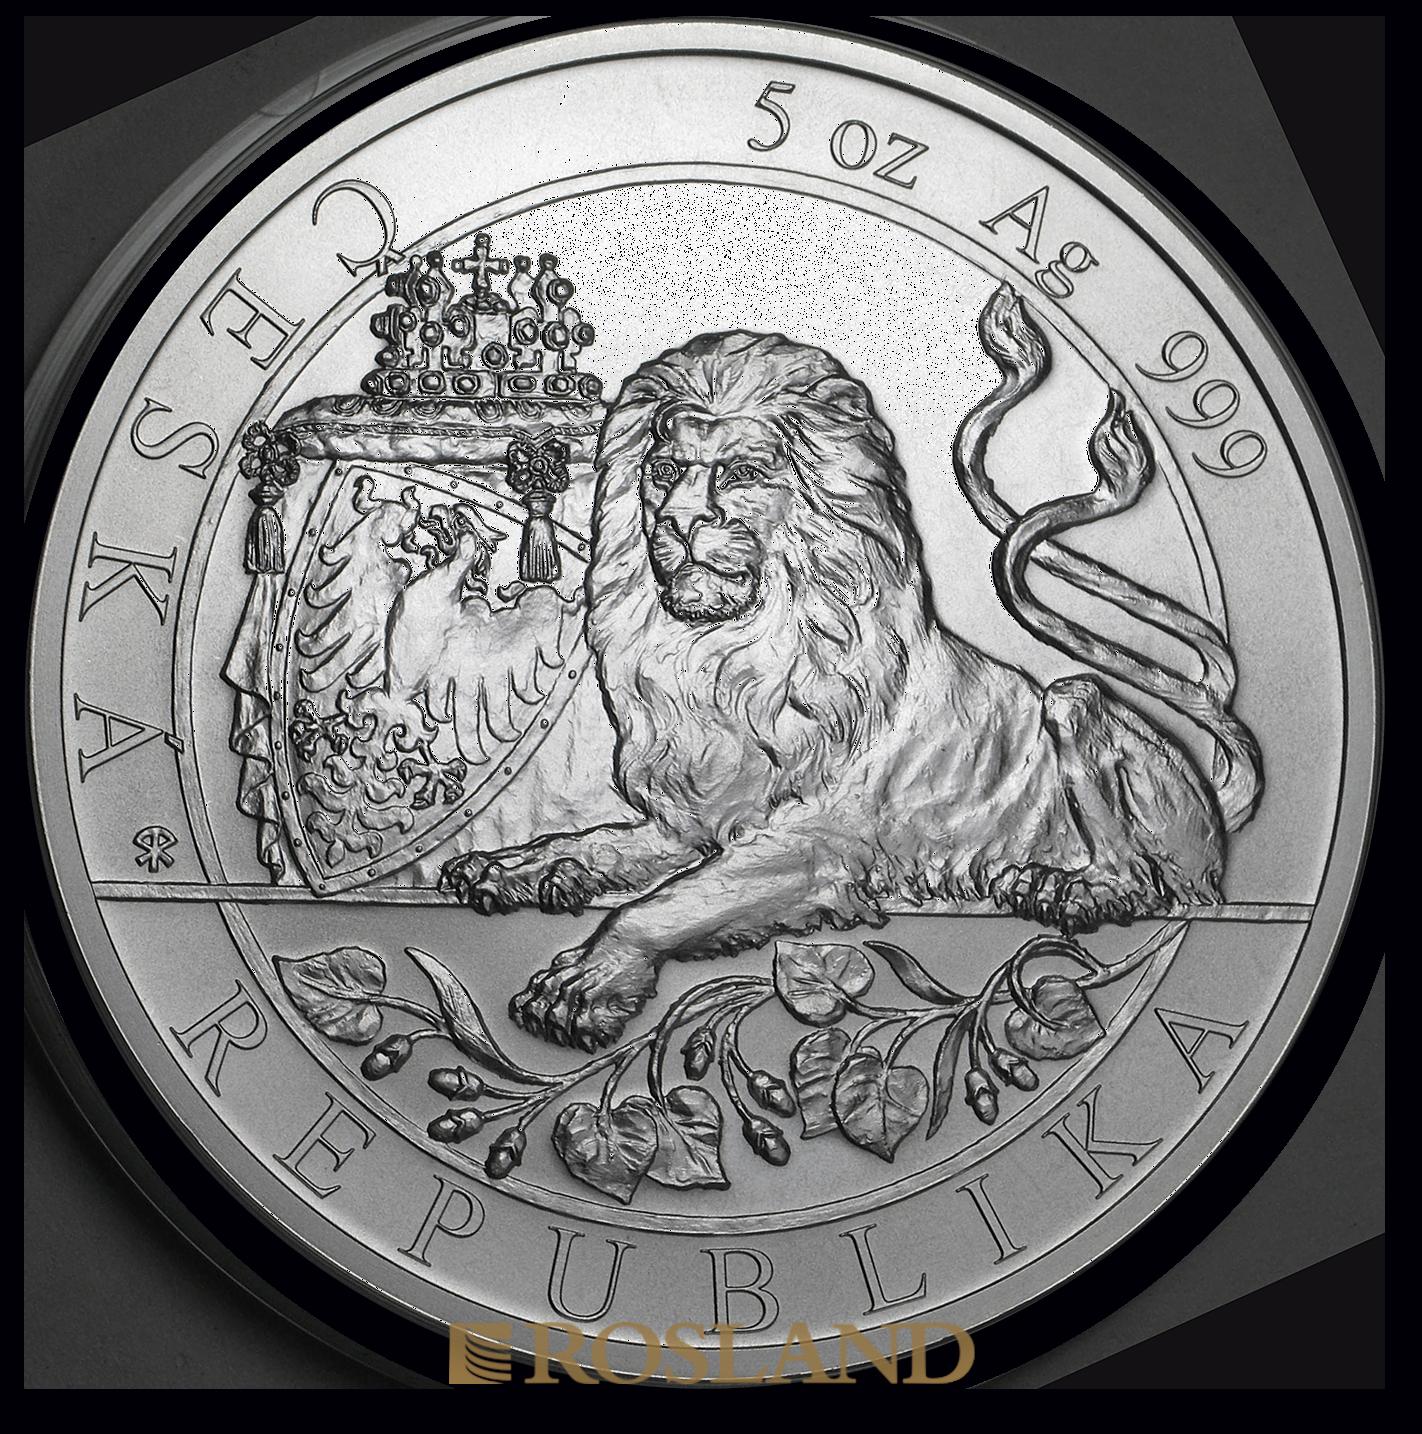 5 Unzen Silbermünze Tschechischer Löwe 2019